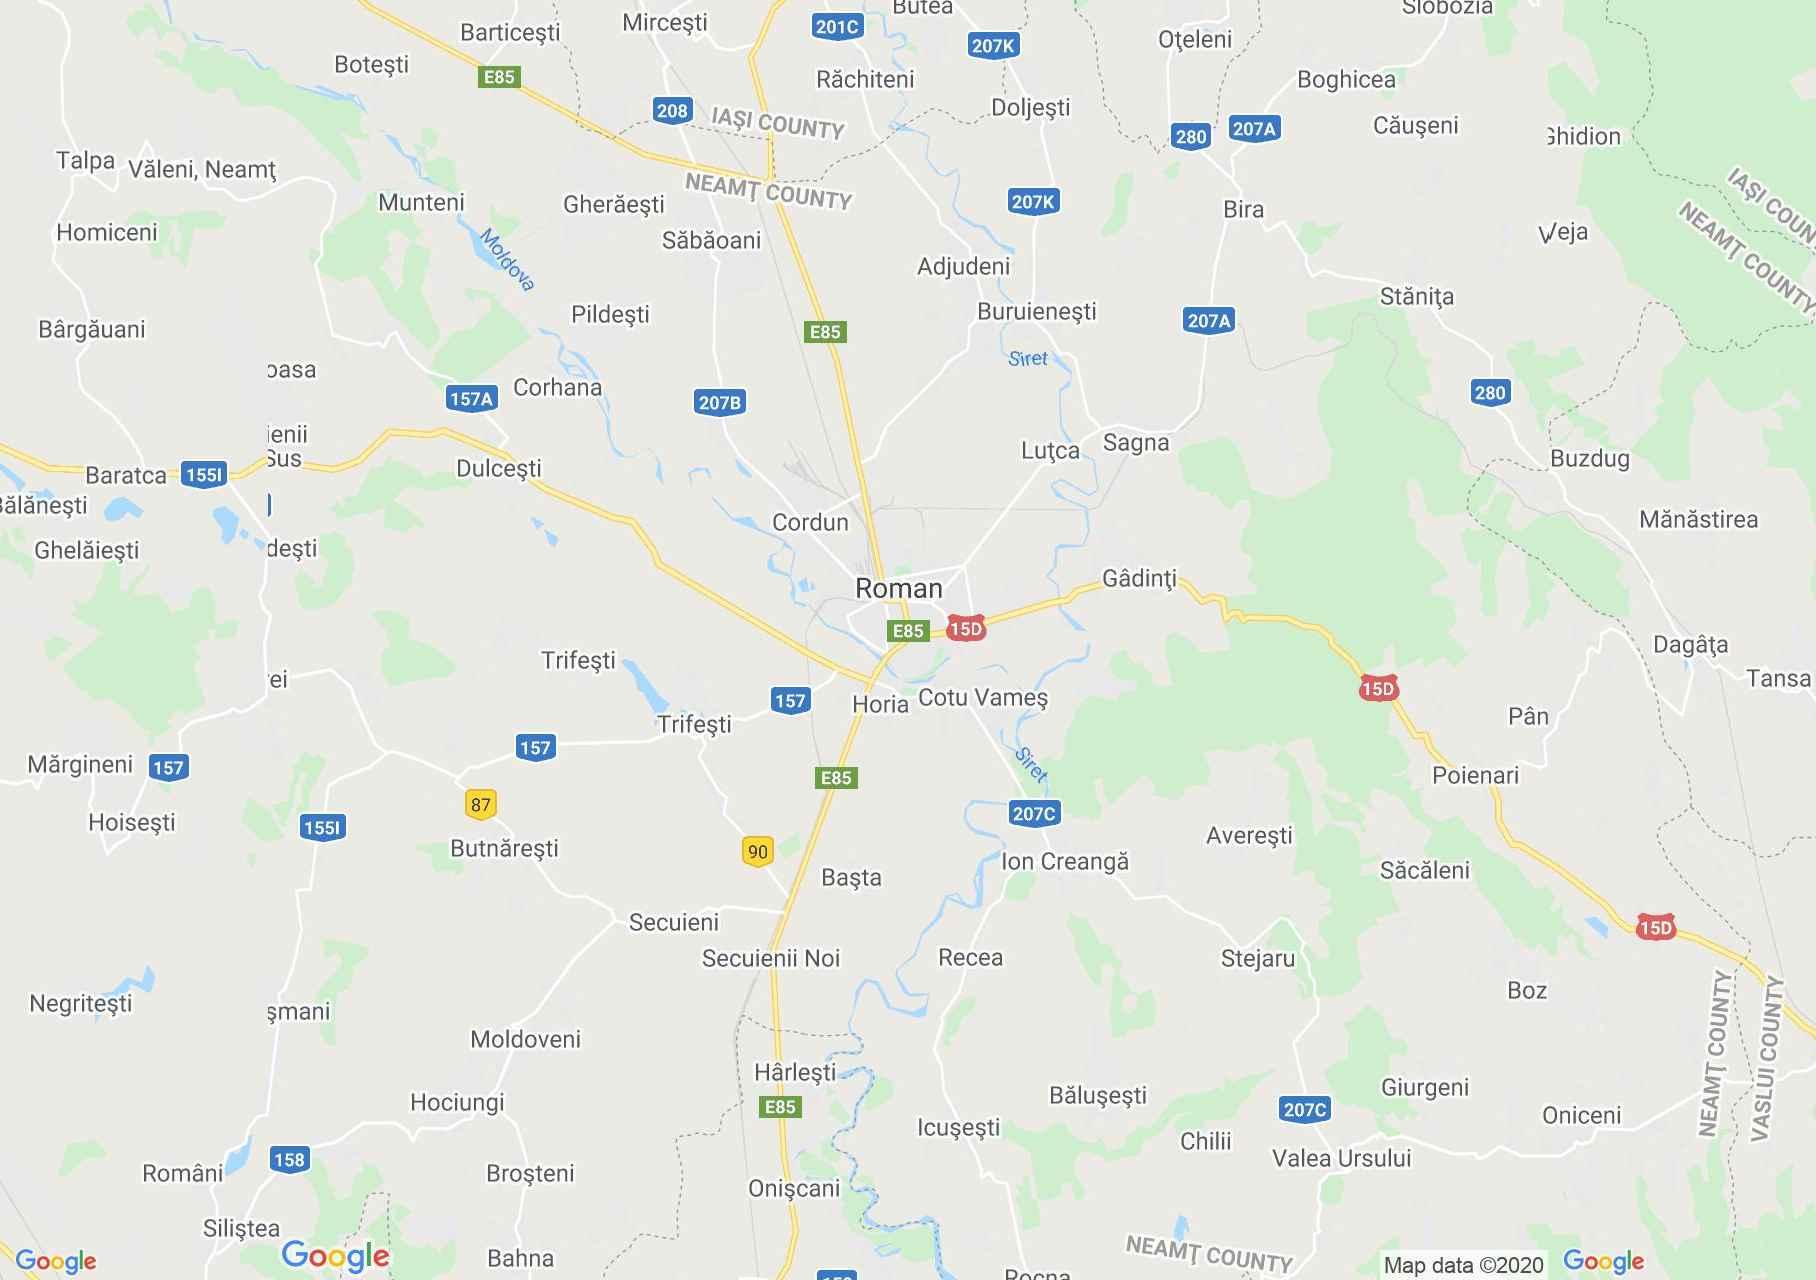 Zona Roman, Harta turistică interactivă